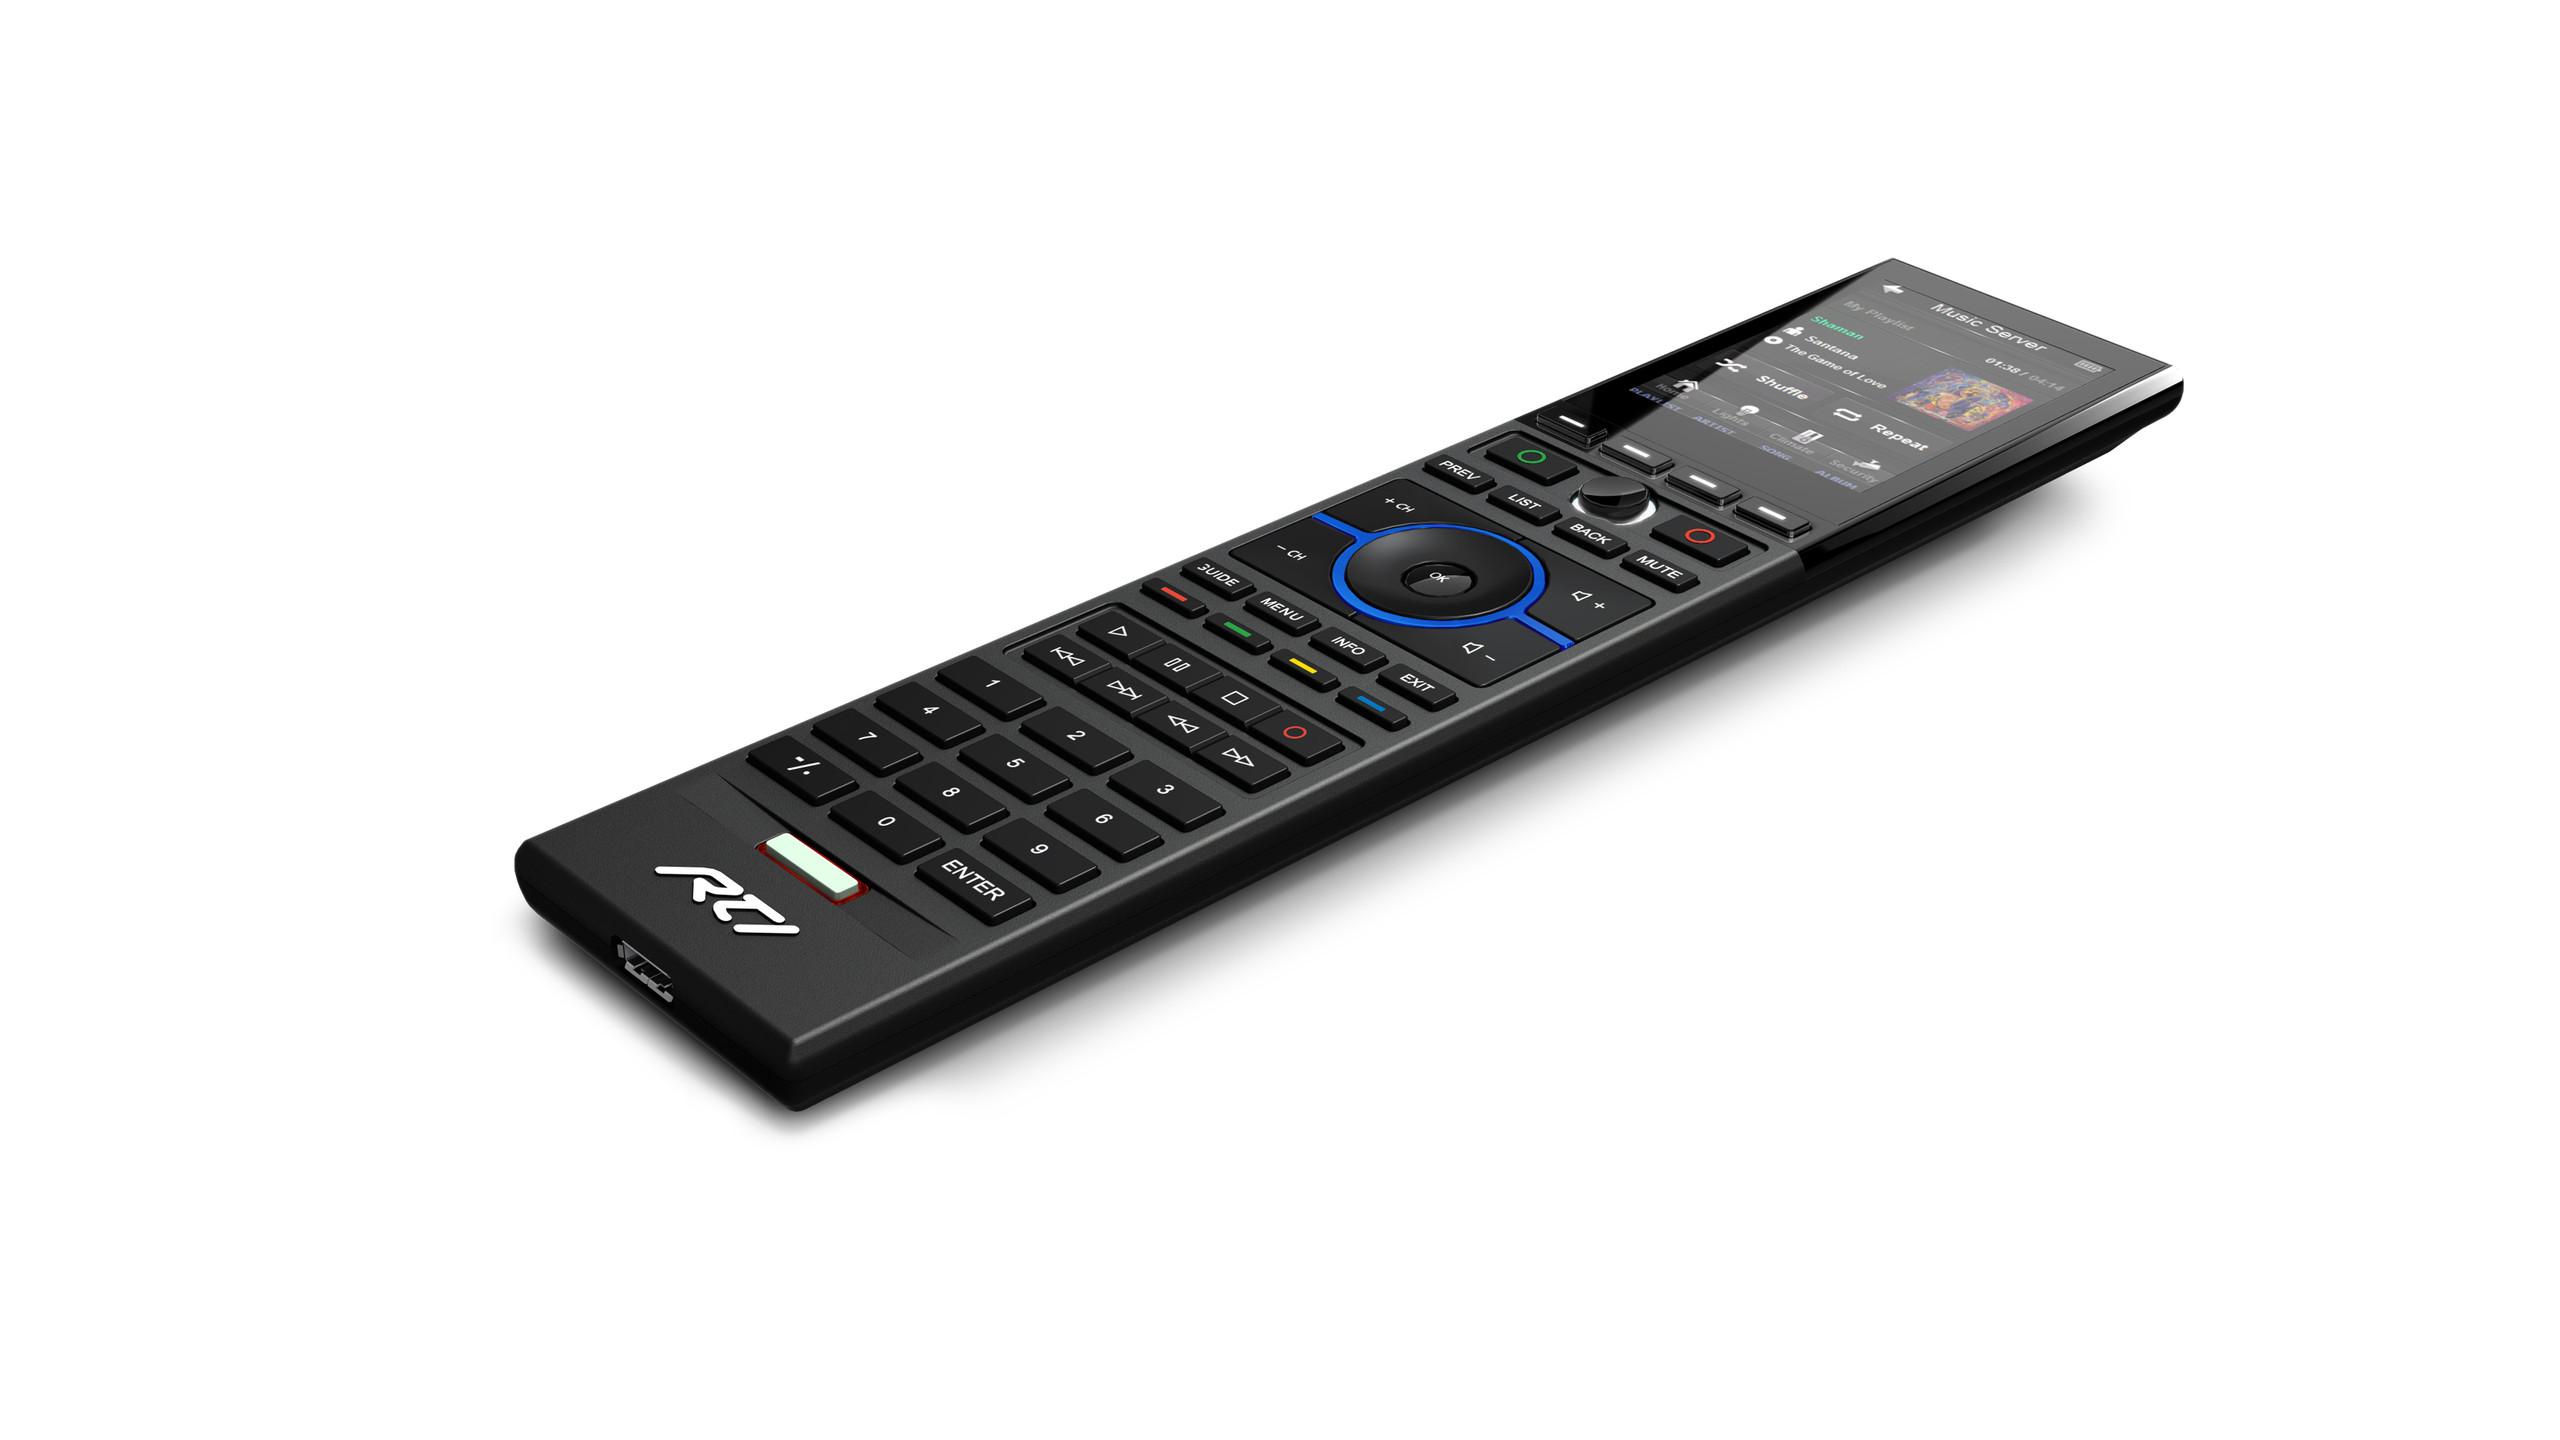 RTI Universal Remote - T2X